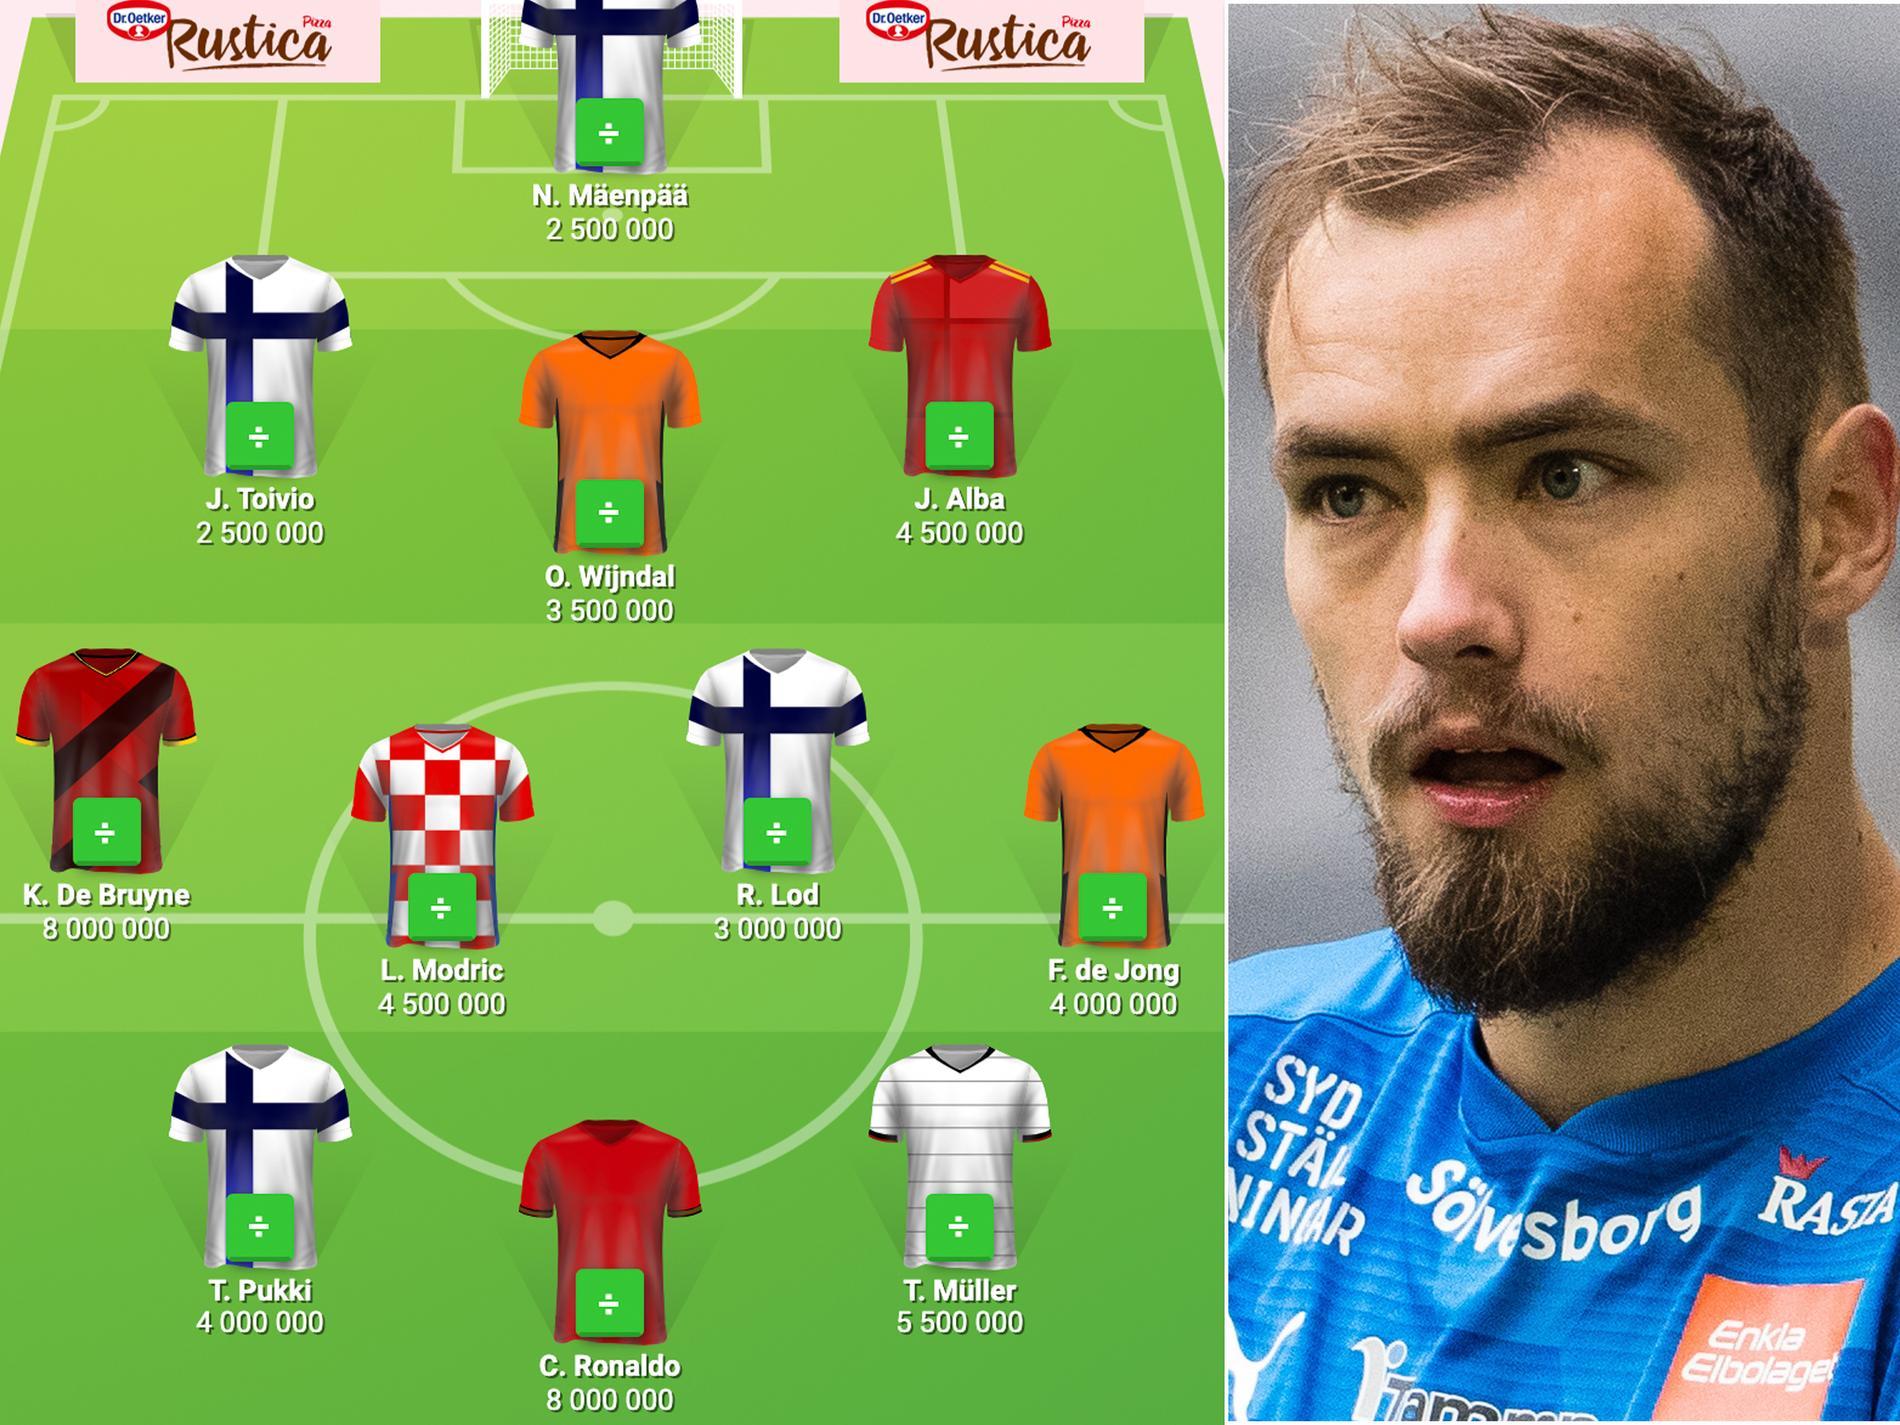 Carljohan Erikssons lag med världsstjärnor som omgärdar fyra finska spelare.